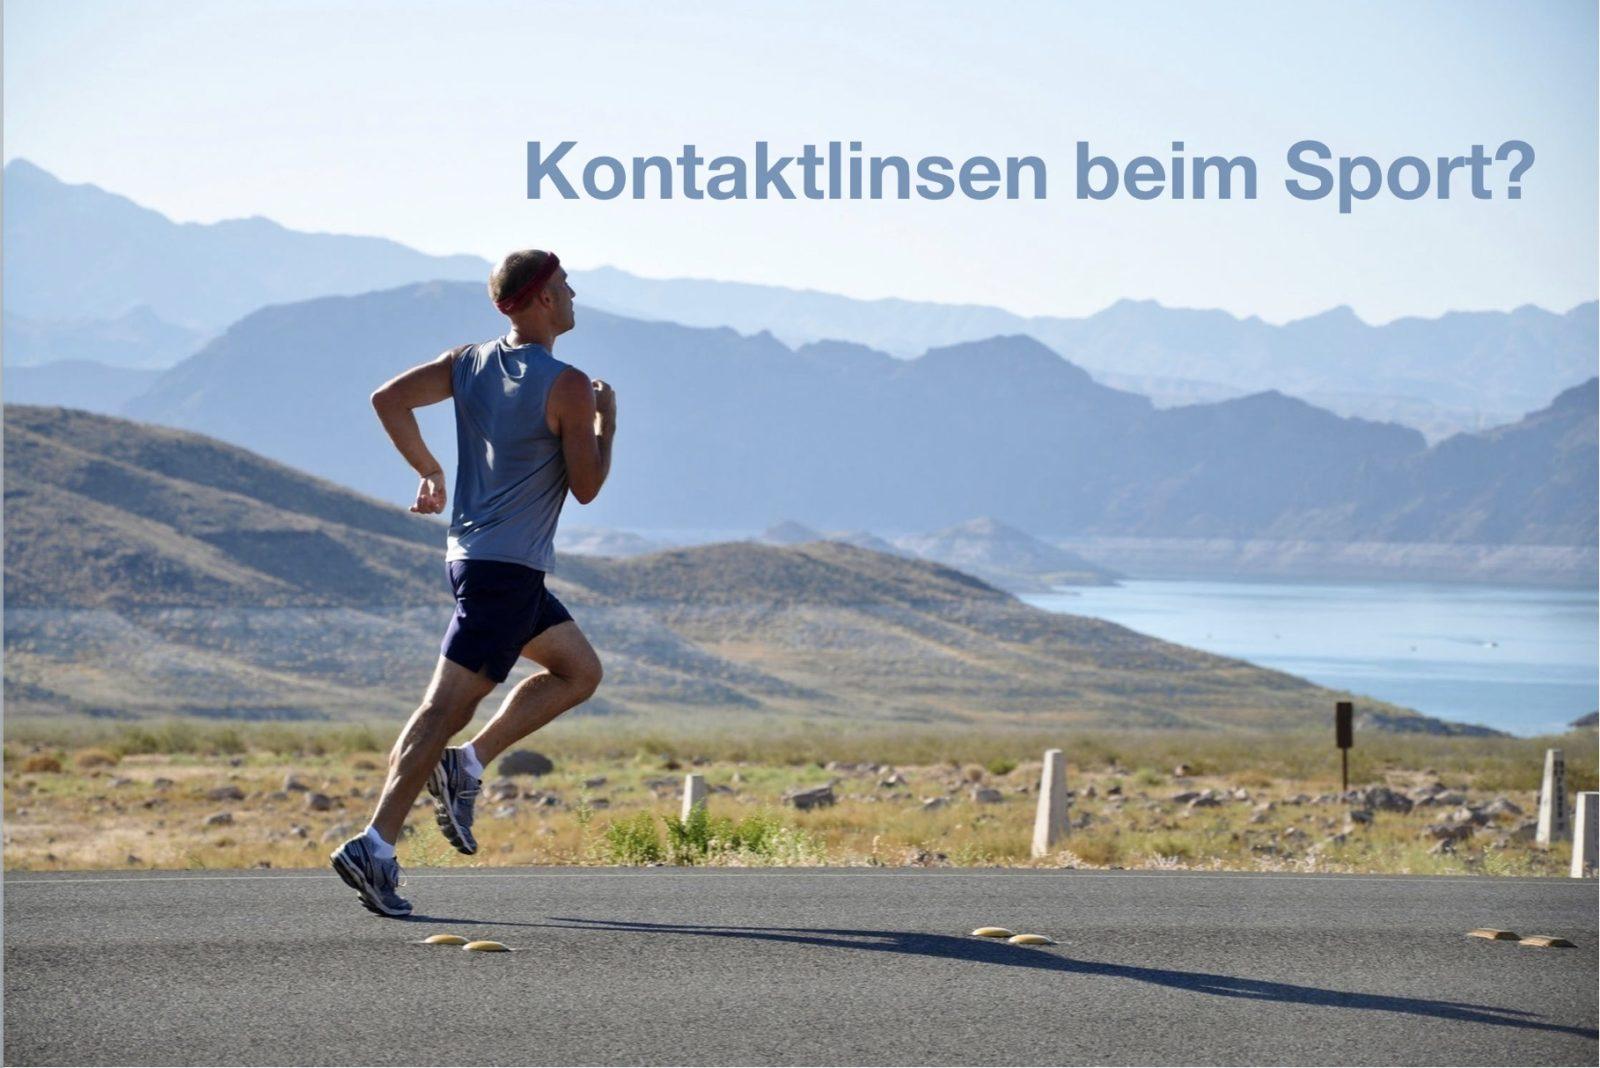 """Das Bild zeigt einen Läufer. Es ist ein Text zu lesen mit den Worten """"Welche Kontaktlinsen beim Sport"""""""